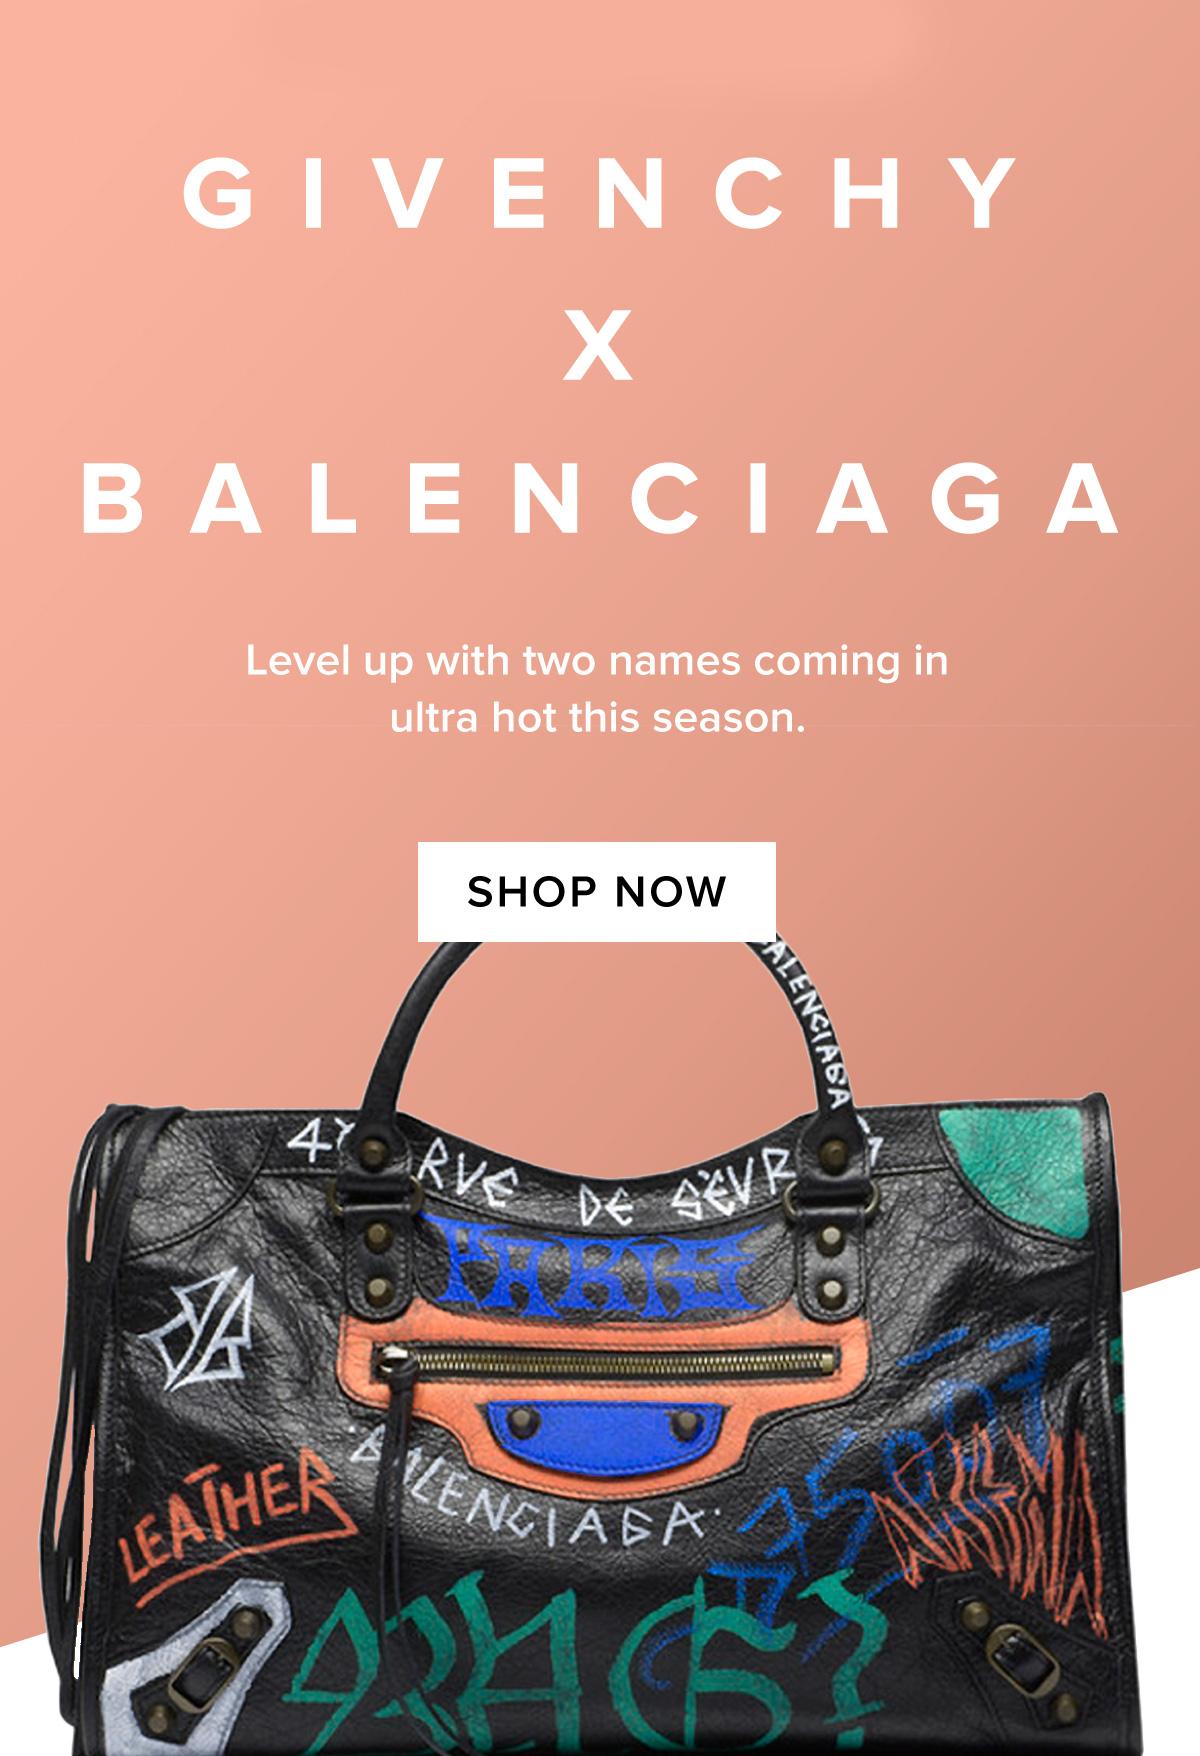 GivenchyBalenciaga.jpg